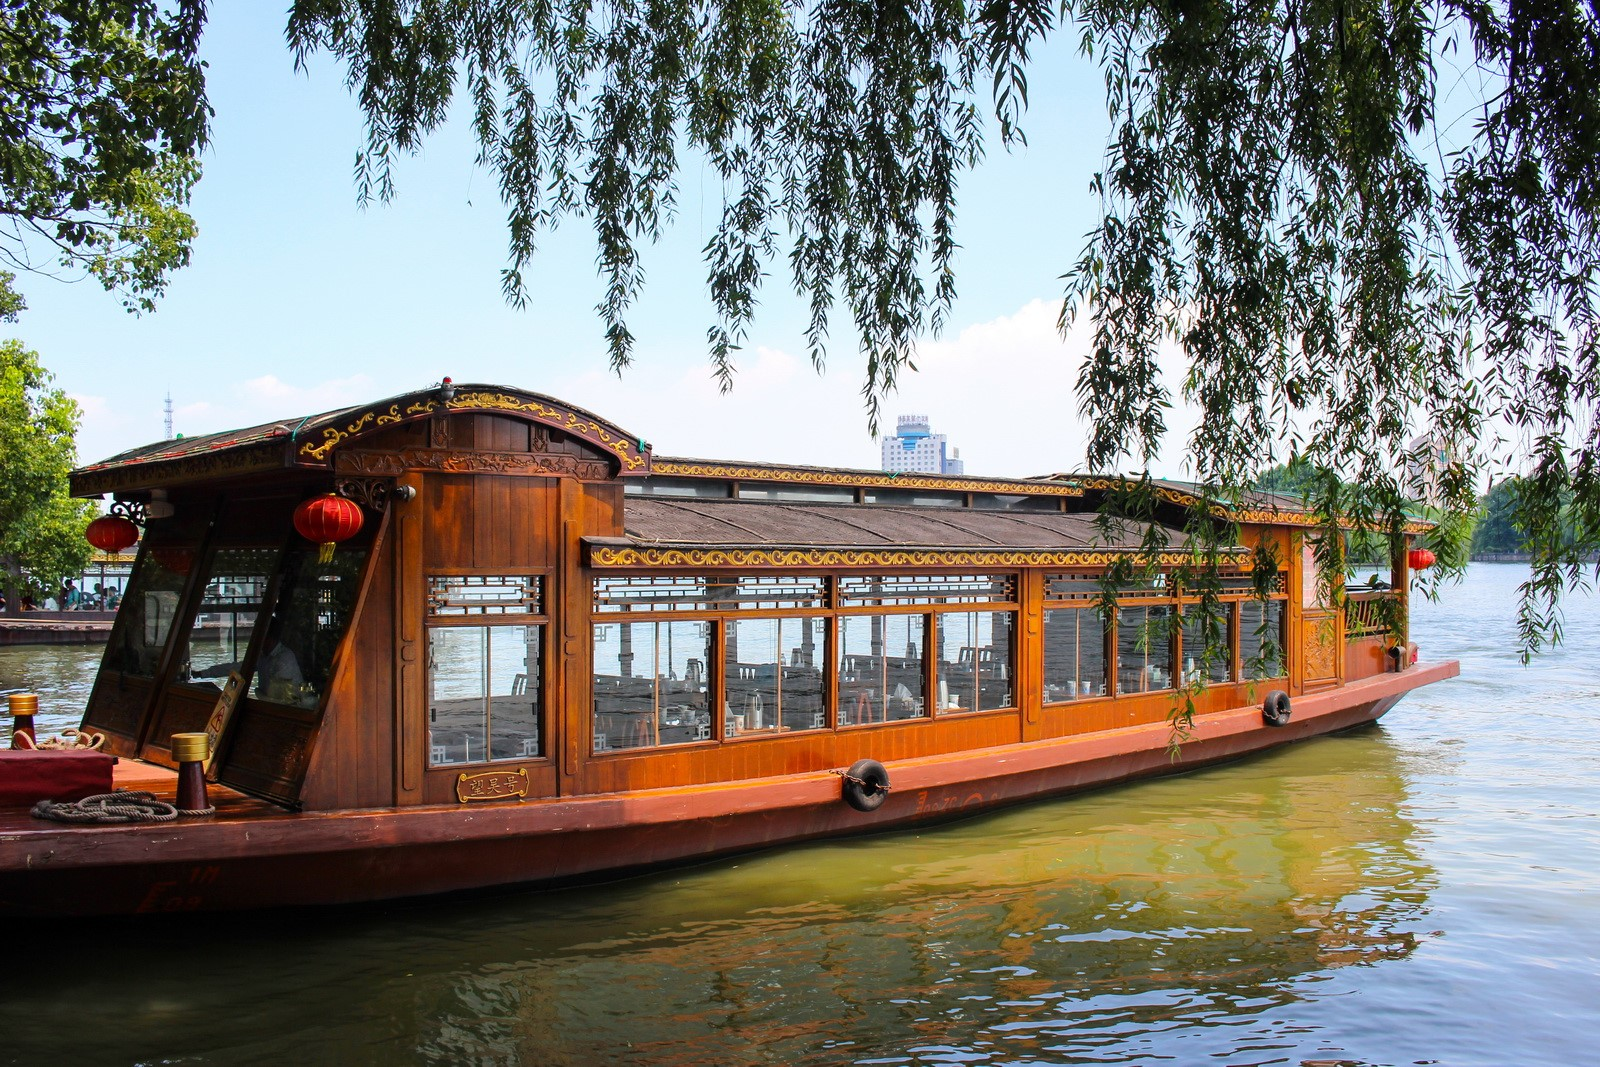 红船(七律 平水韵) - 小溪澎湃 - 小溪澎湃的博客